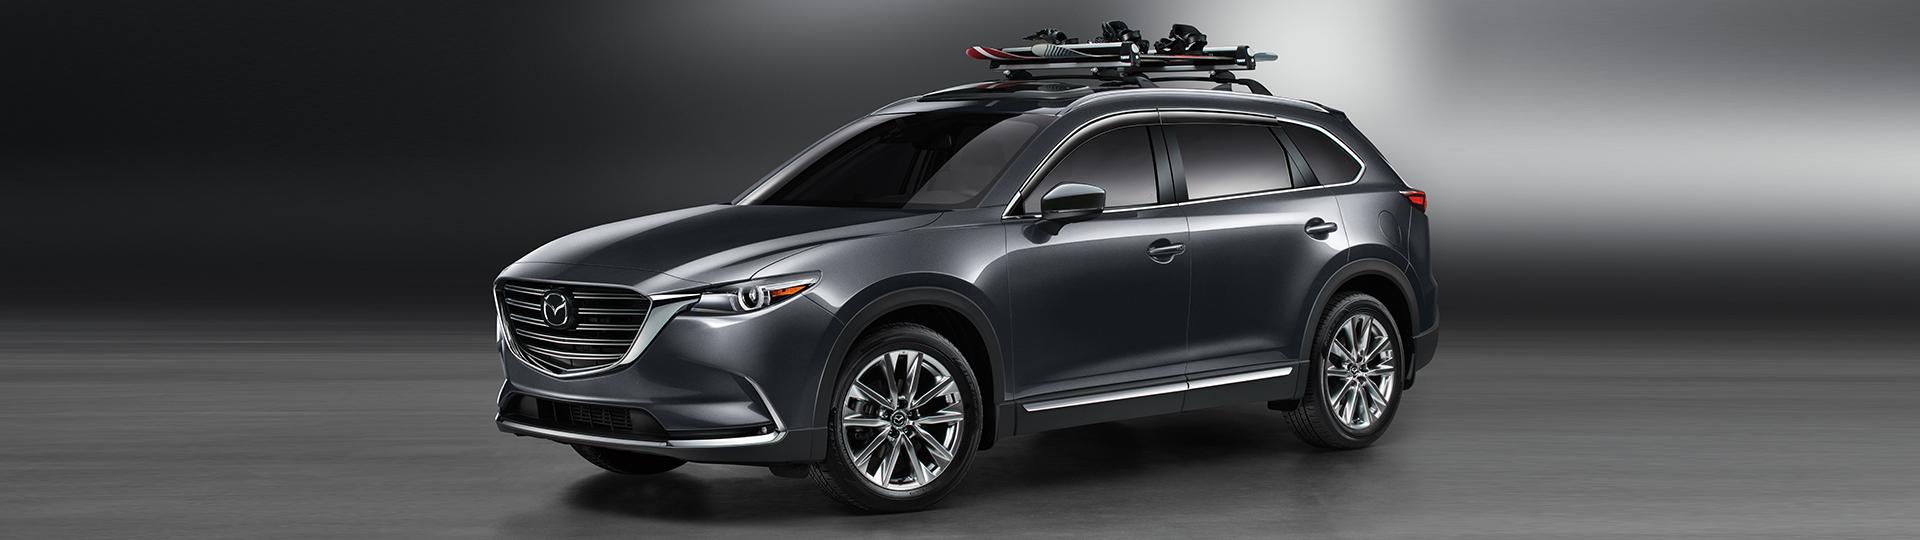 New Mazda Vehicles